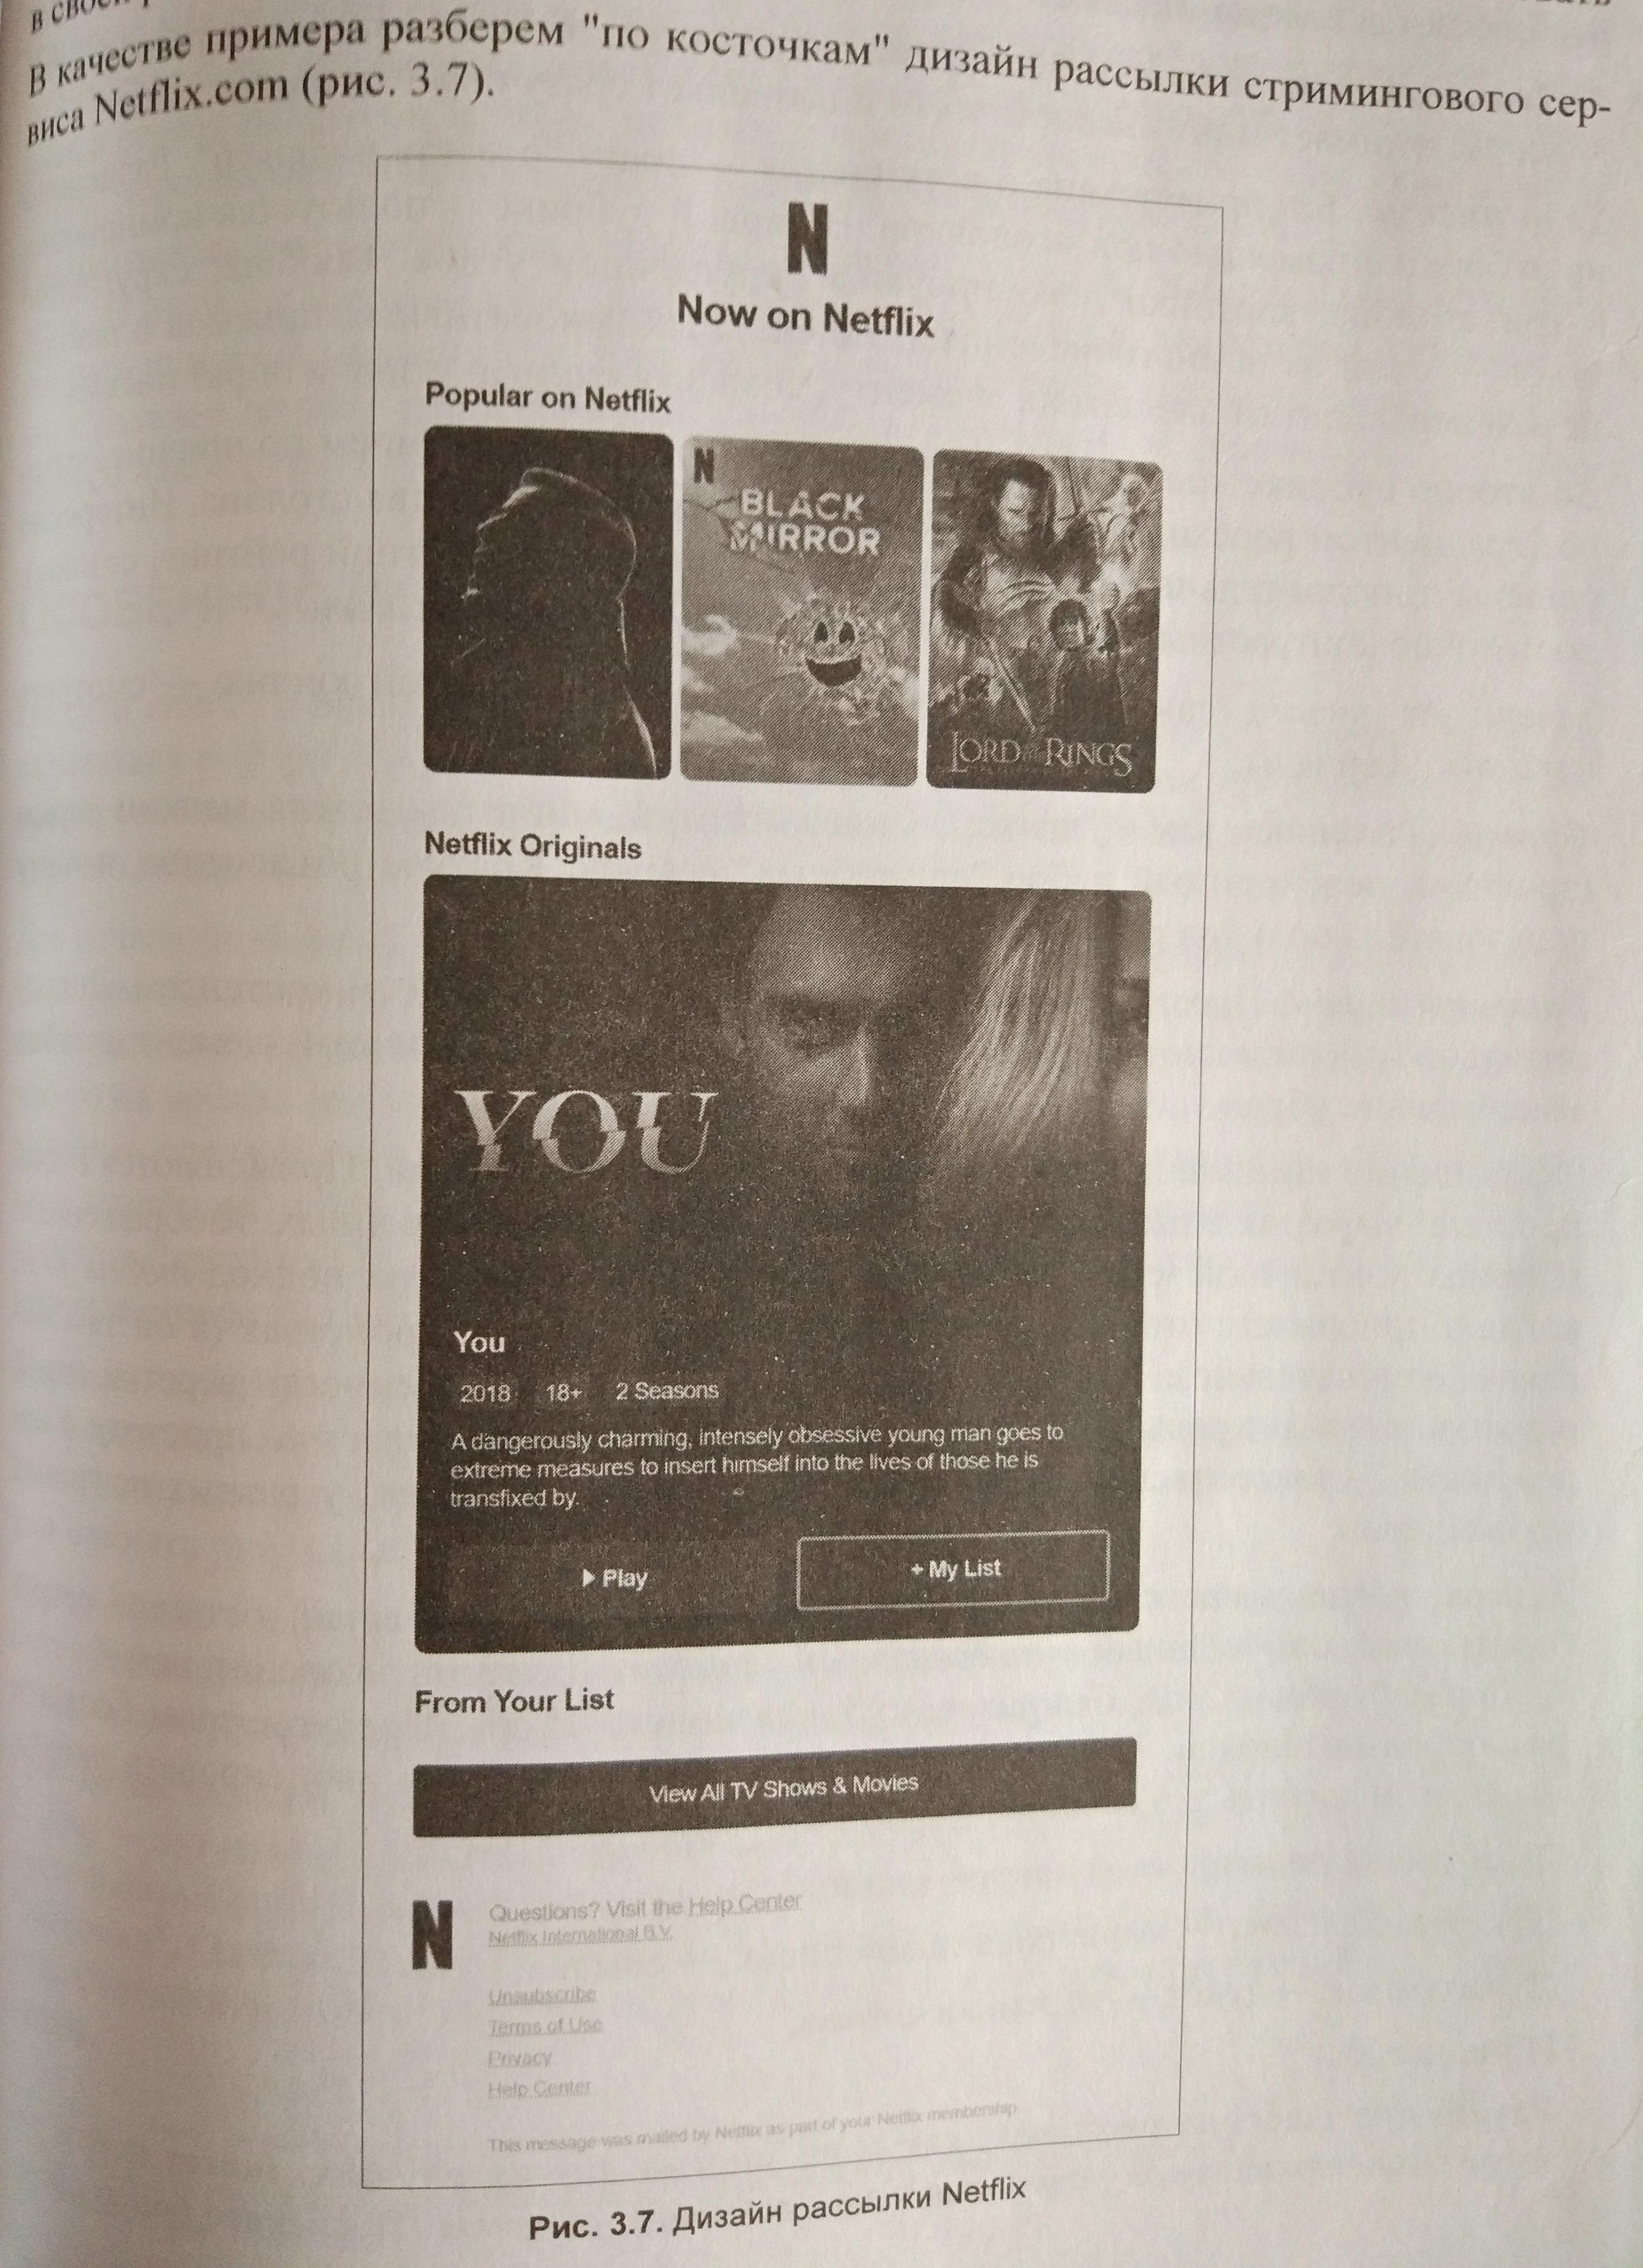 Разбор дизайна рассылки от Netflix.